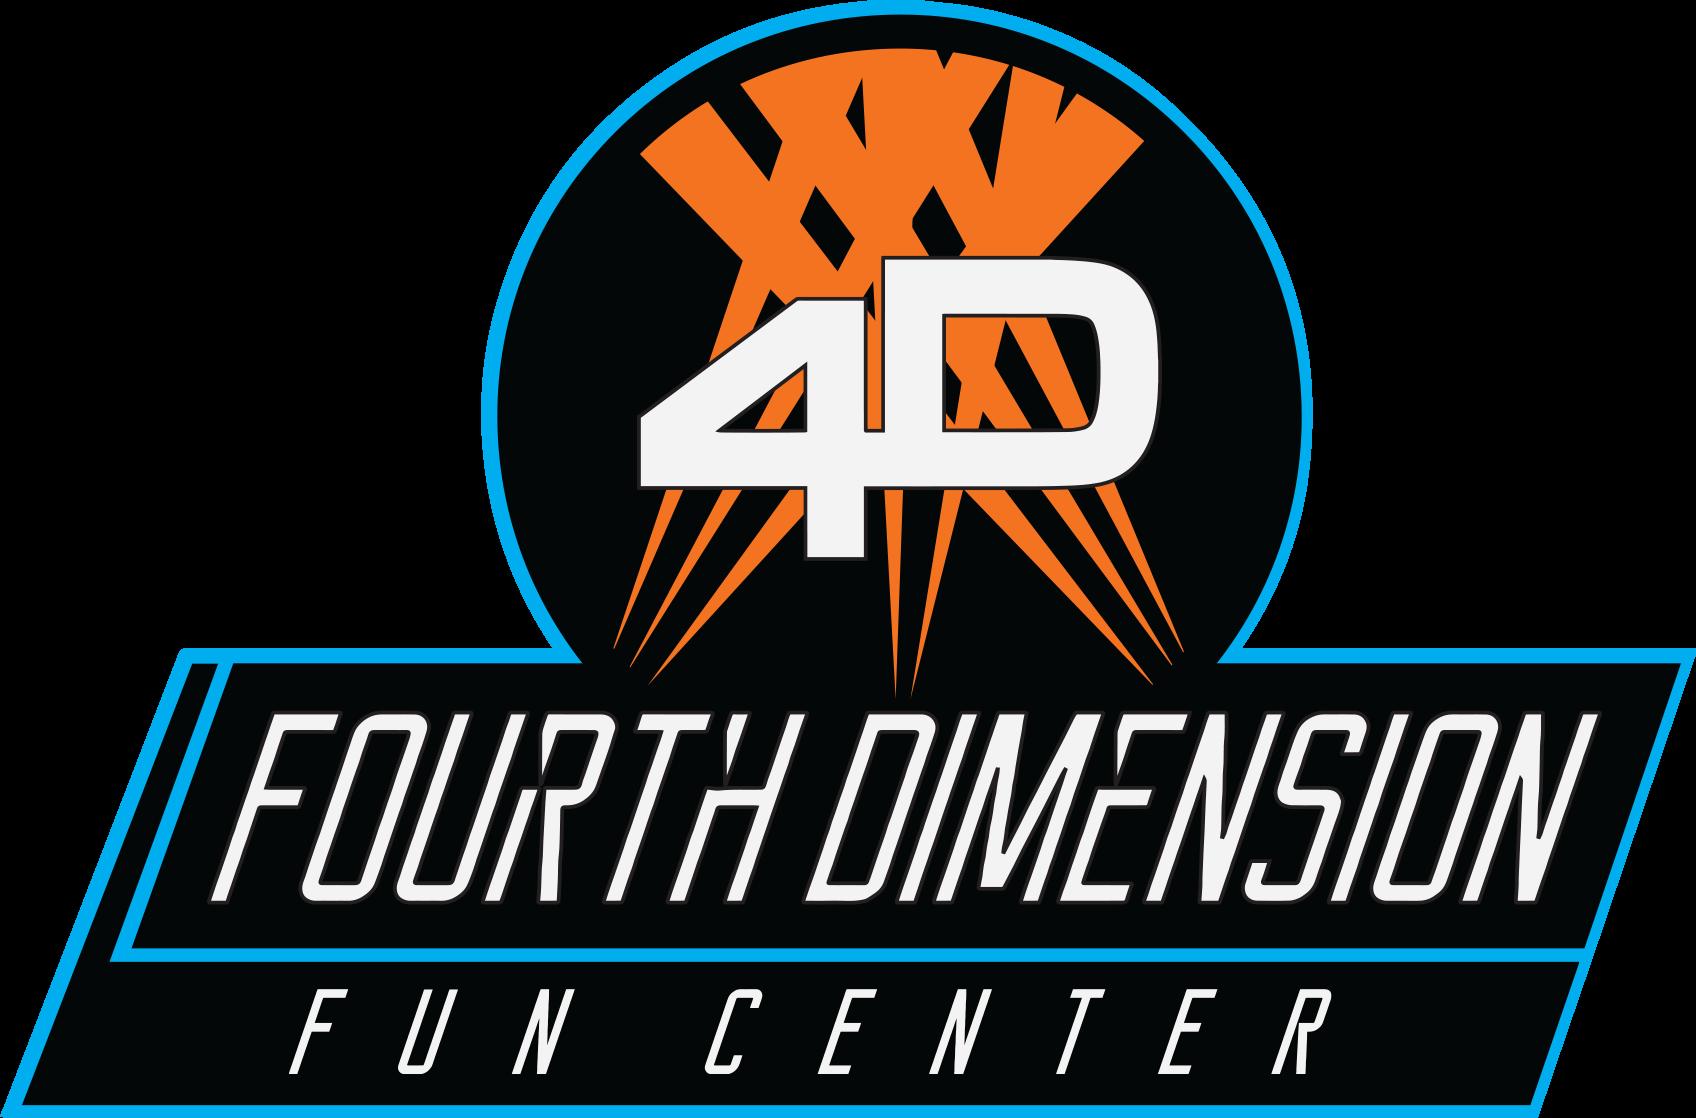 4D - Fourth Dimension Fun Center